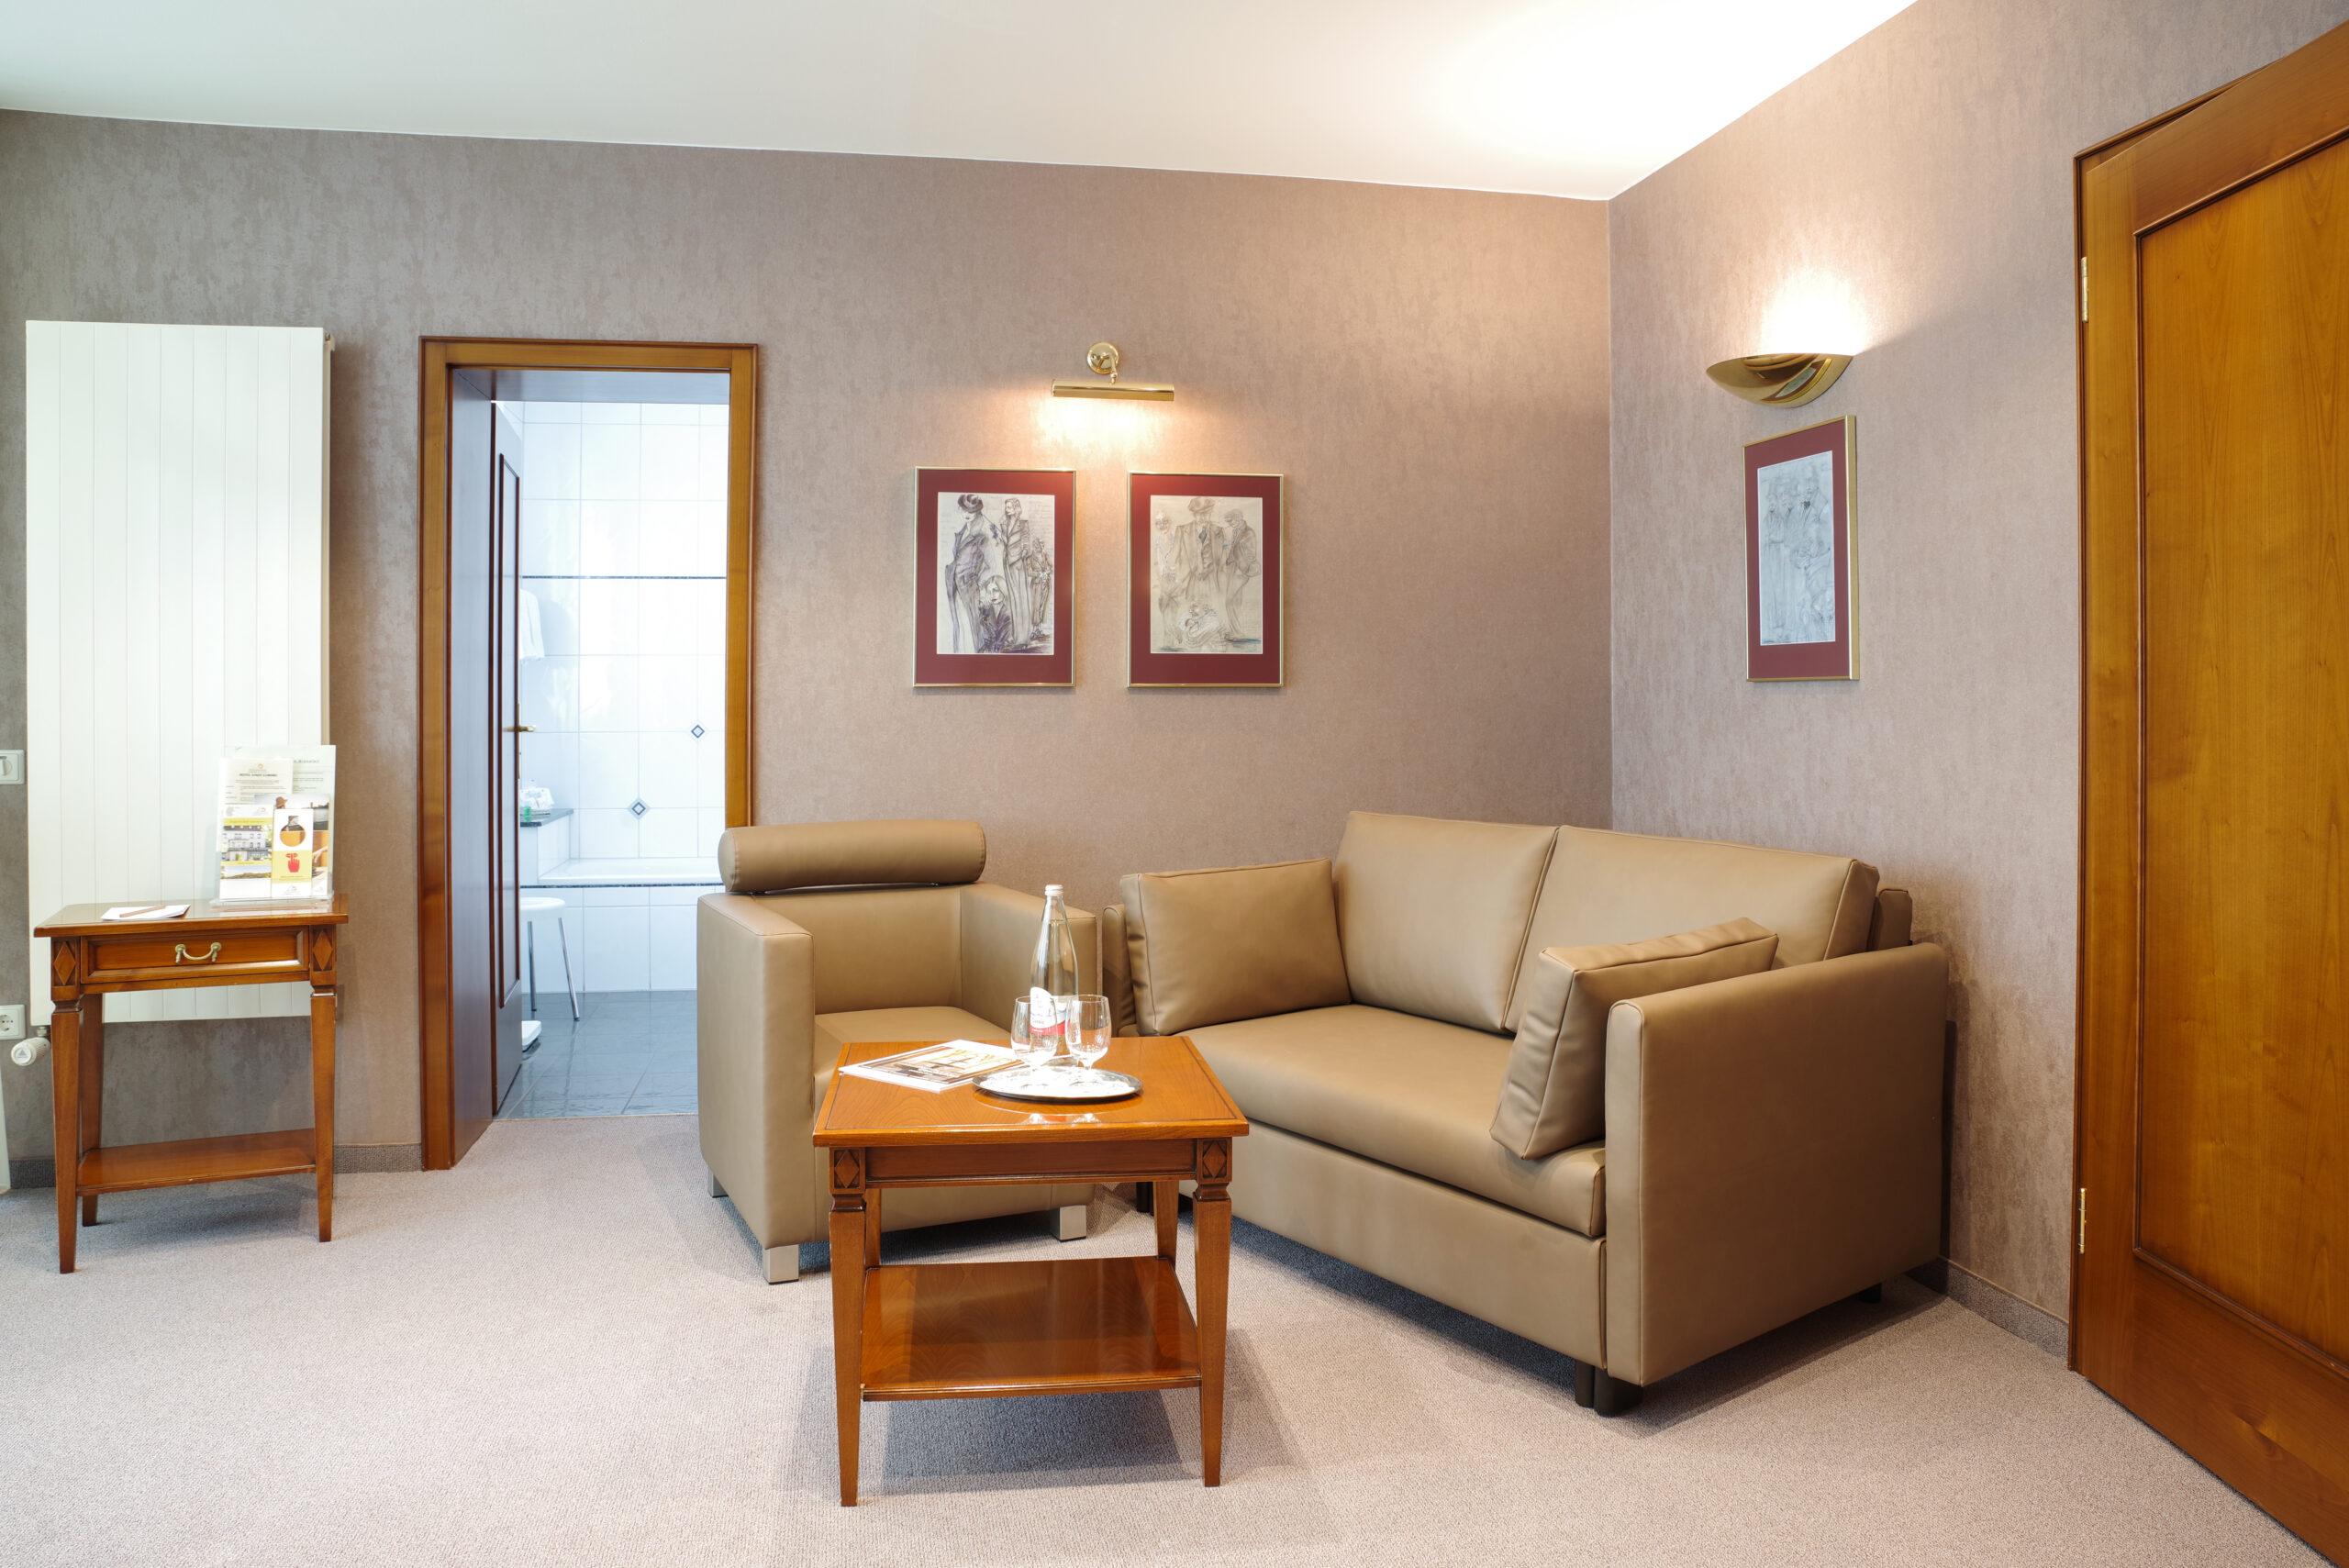 Hotel Stadt Coburg Suite Wohnbereich Bad